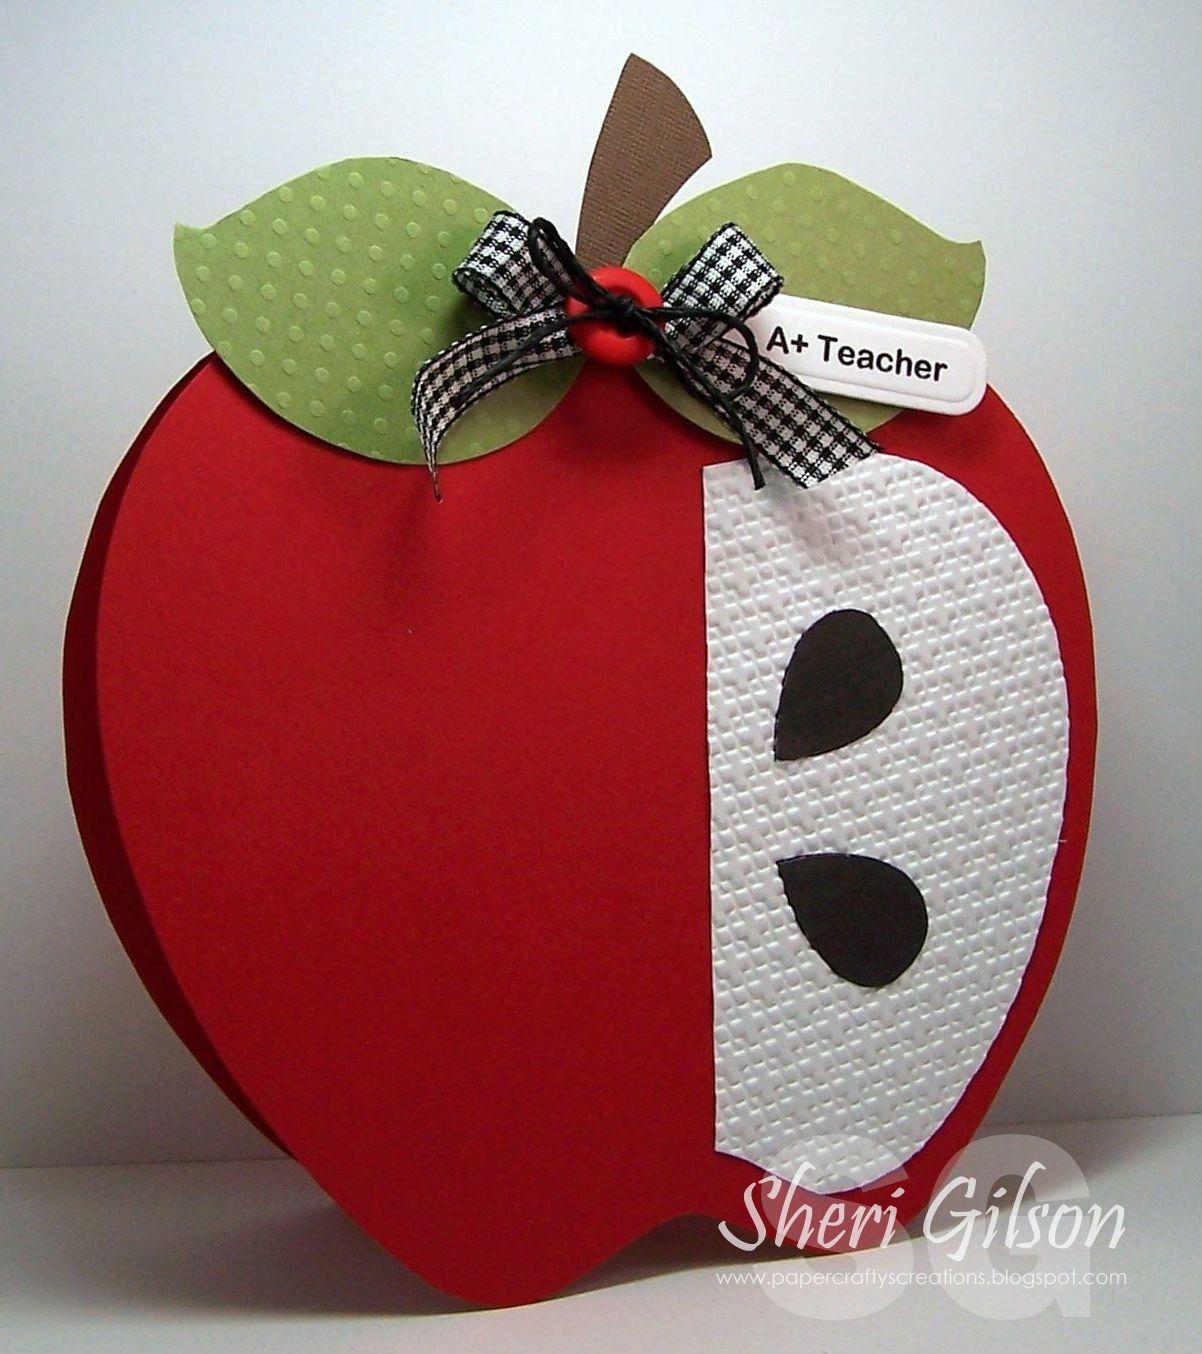 Утро картинки, открытки в форме яблока